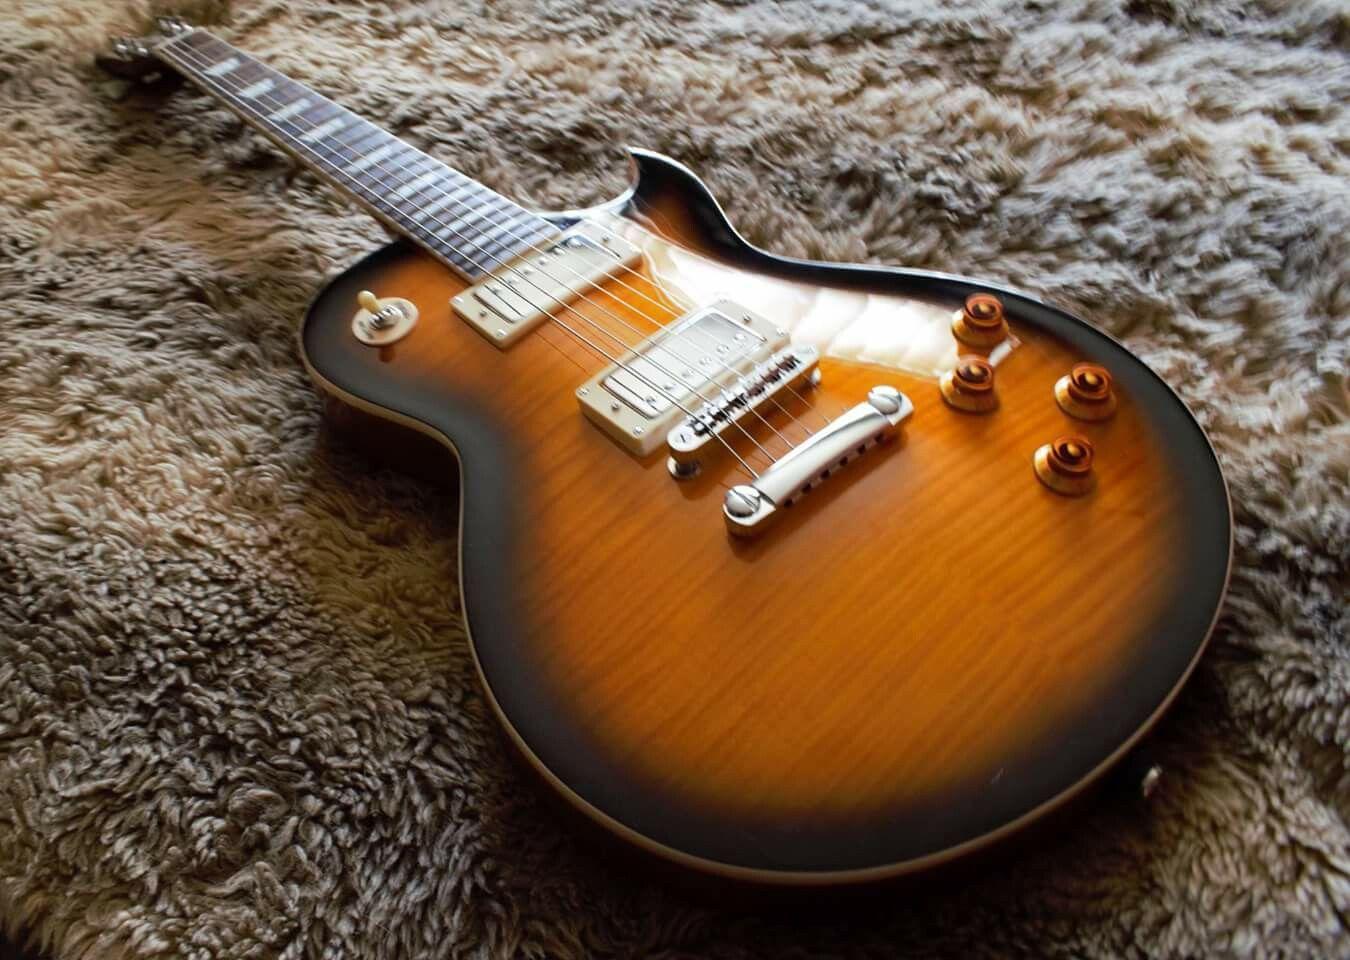 Harley Benton SC 450 plus | Guitar eye candy | Guitar, Music